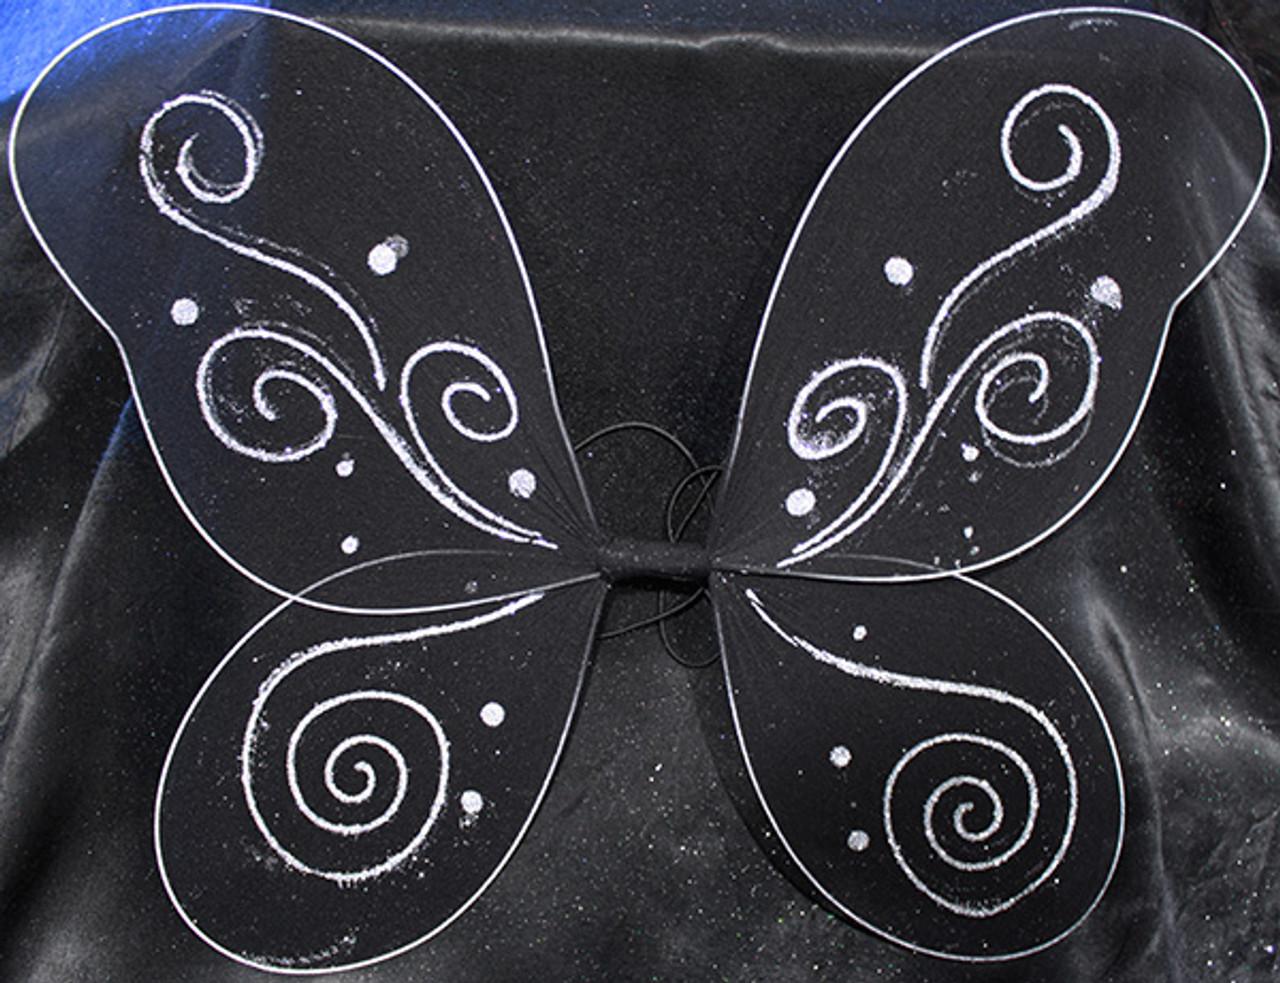 Black butterfly wings